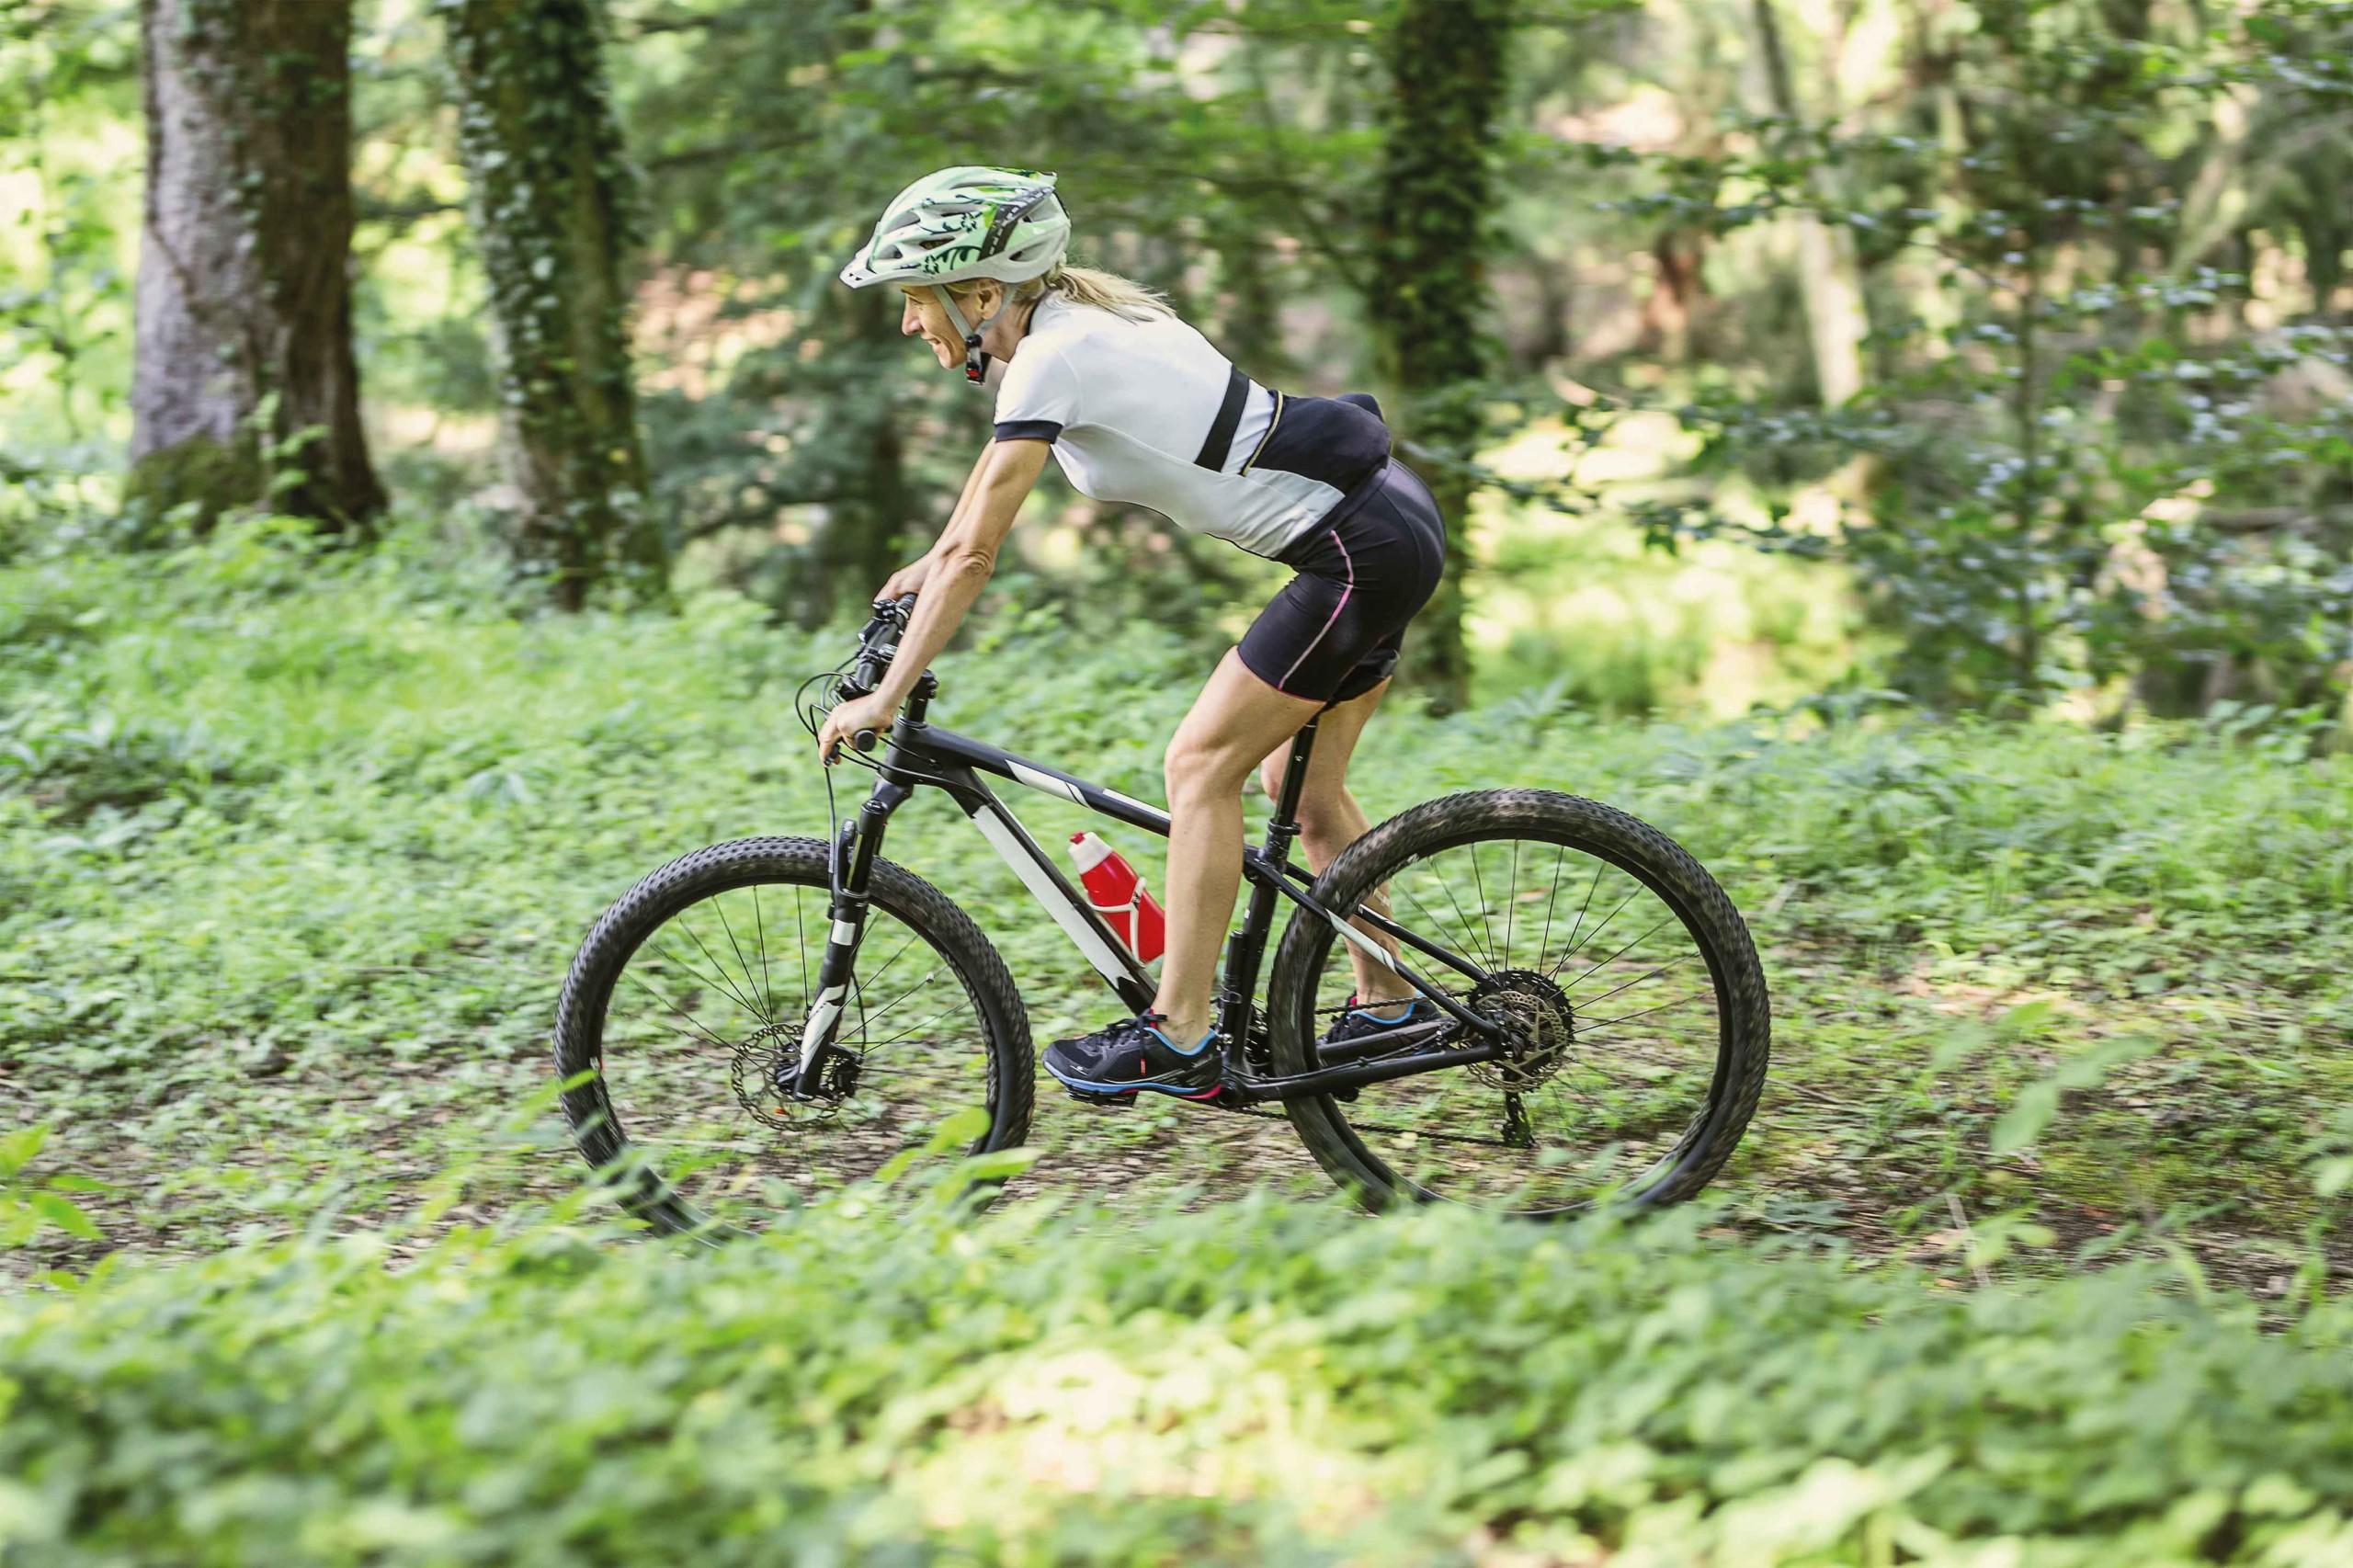 Karin am Wochenende mit dem Mountainbike